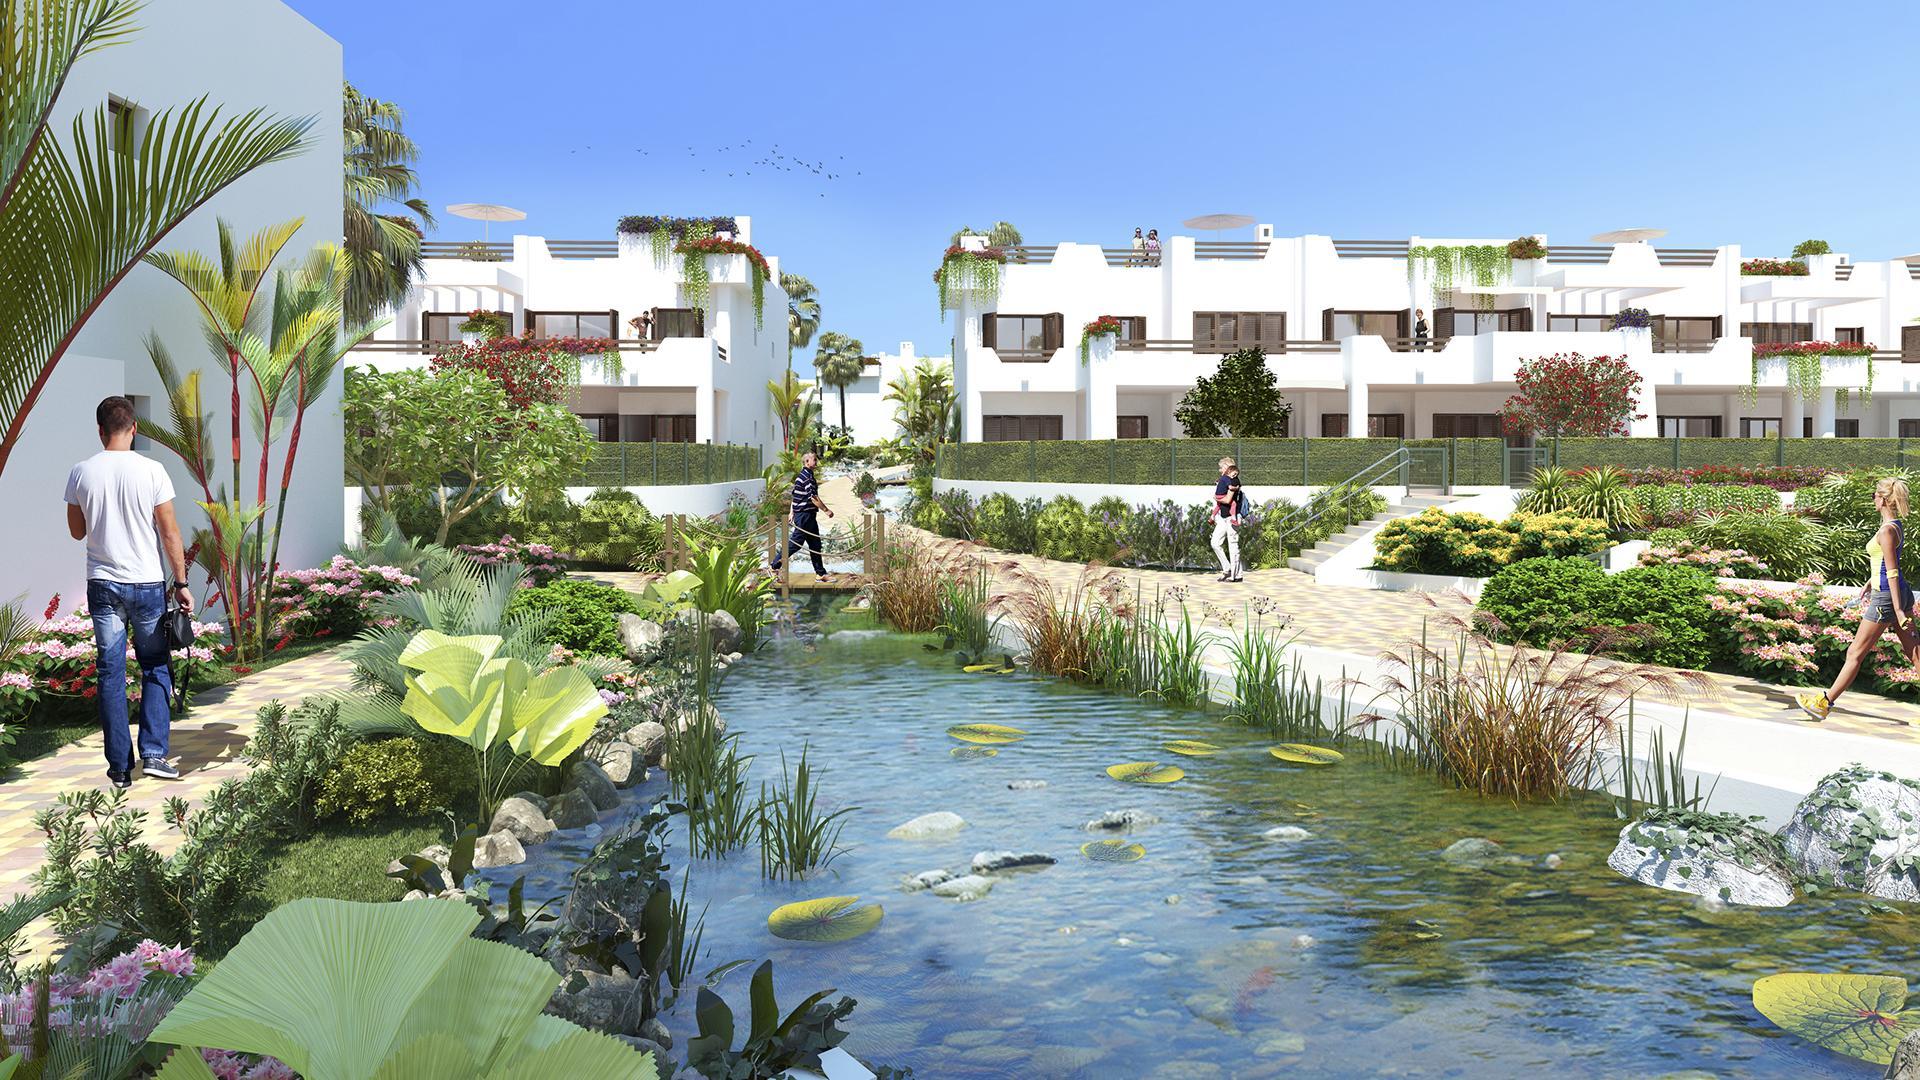 Penthouse 1ère ligne à la mer Mar de Pulpi - phase 6 in Medvilla Spanje